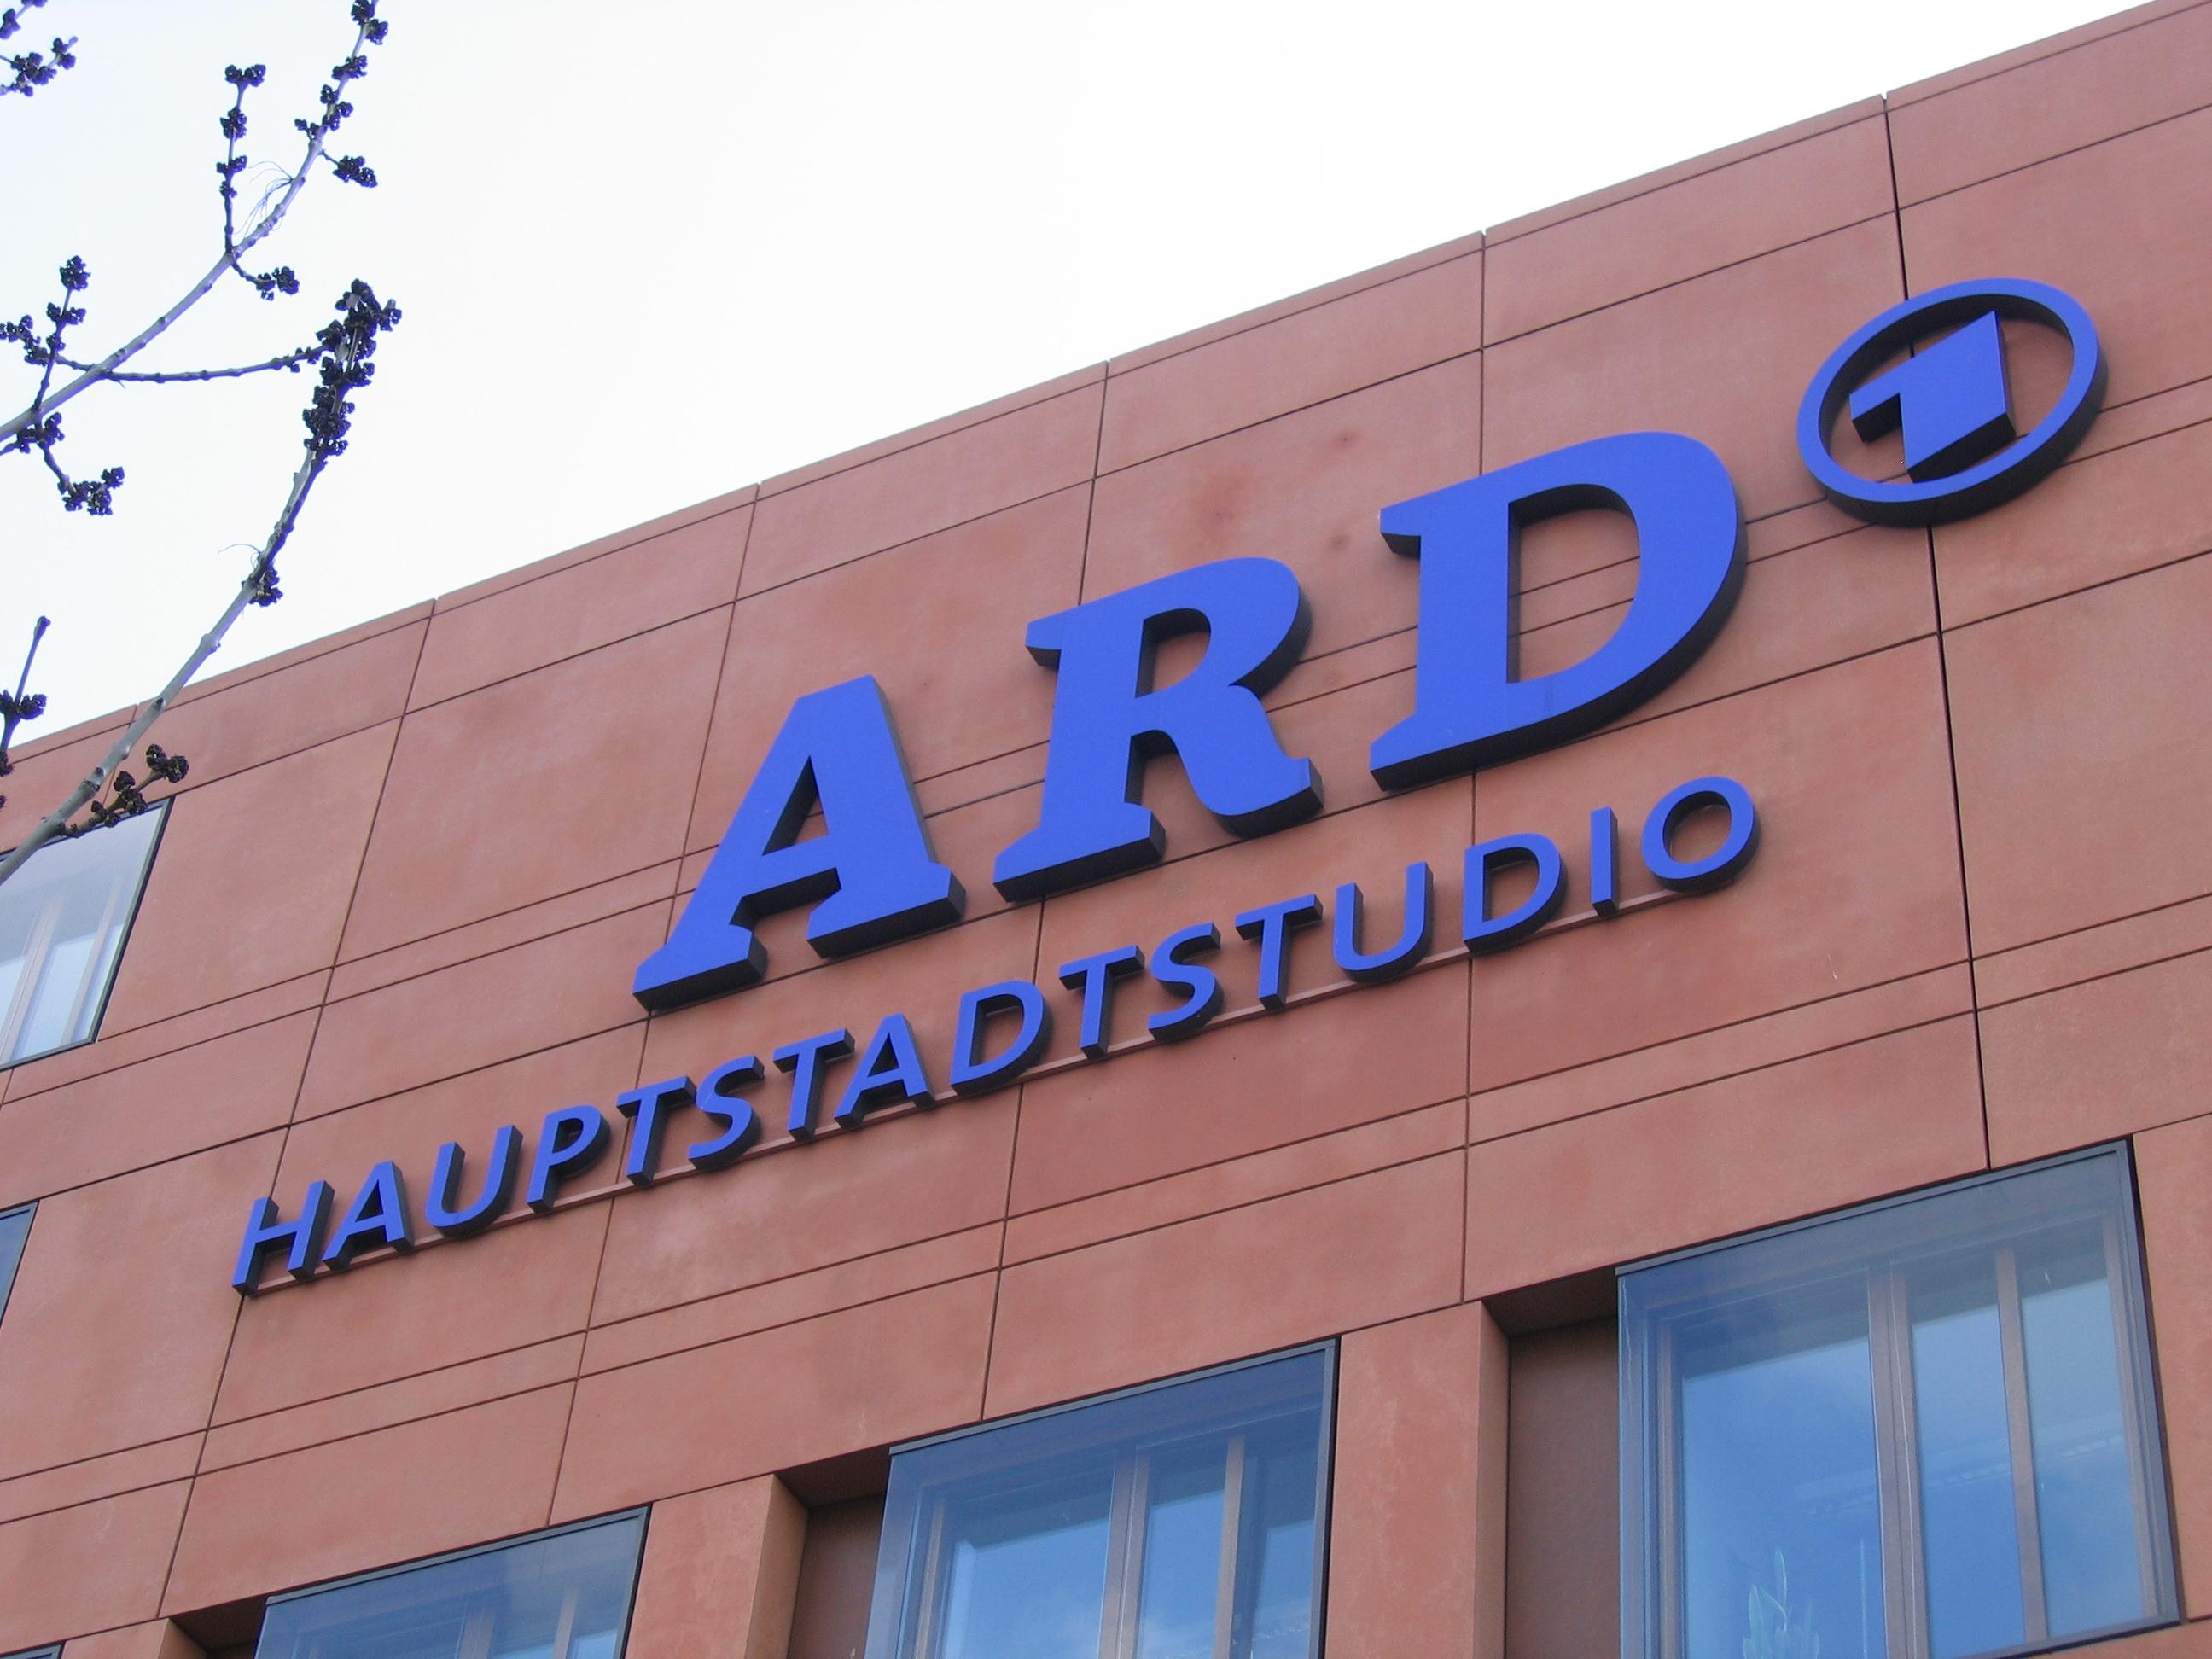 La tv tedesca ARD prende posizione contro chi incita all'odio online